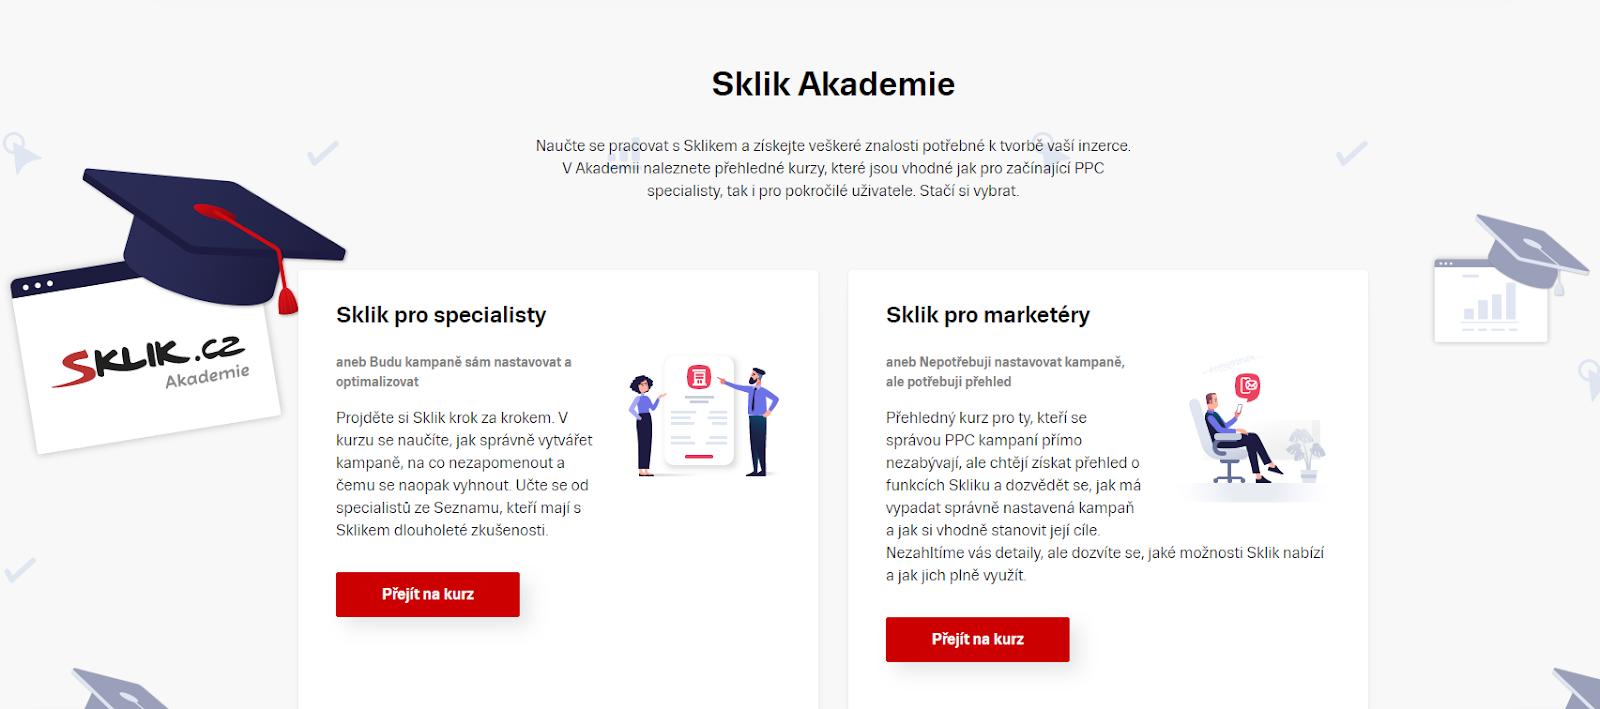 Sklik Akademie Webmium